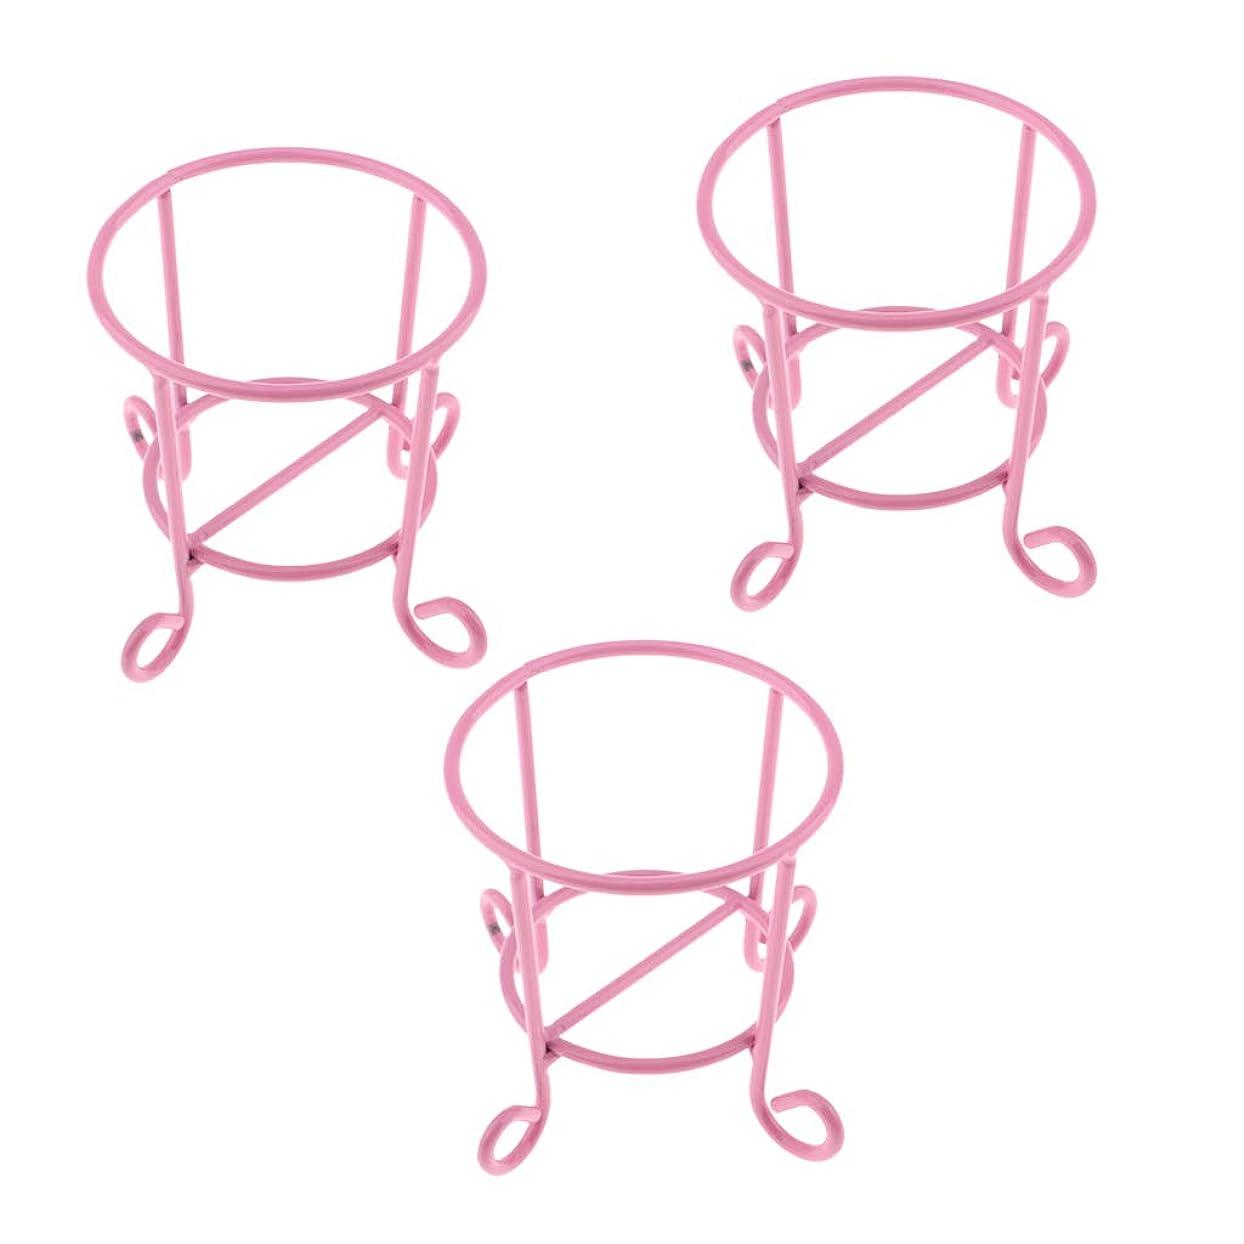 レジデンス北ロケットCUTICATE メイクパフスタンド 化粧スポンジホルダー 化粧スポンジスタンド 全3色 - ピンク